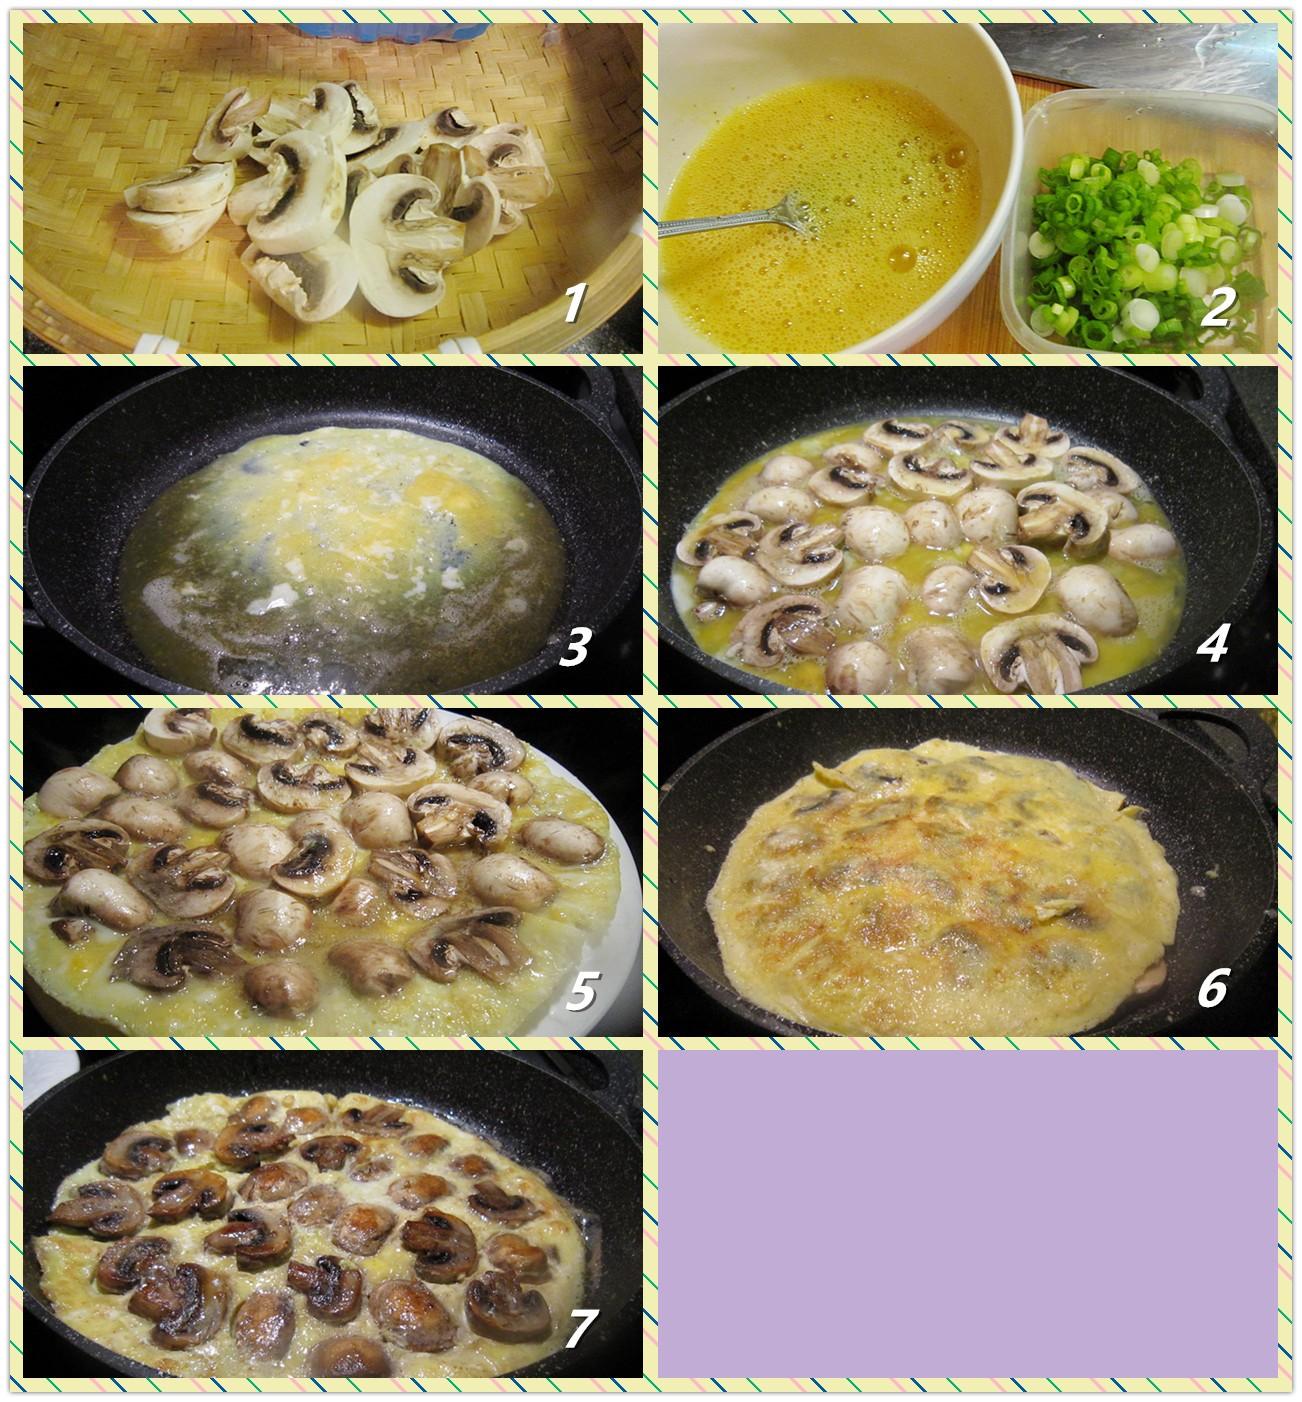 鸡蛋煎蘑菇_图1-2